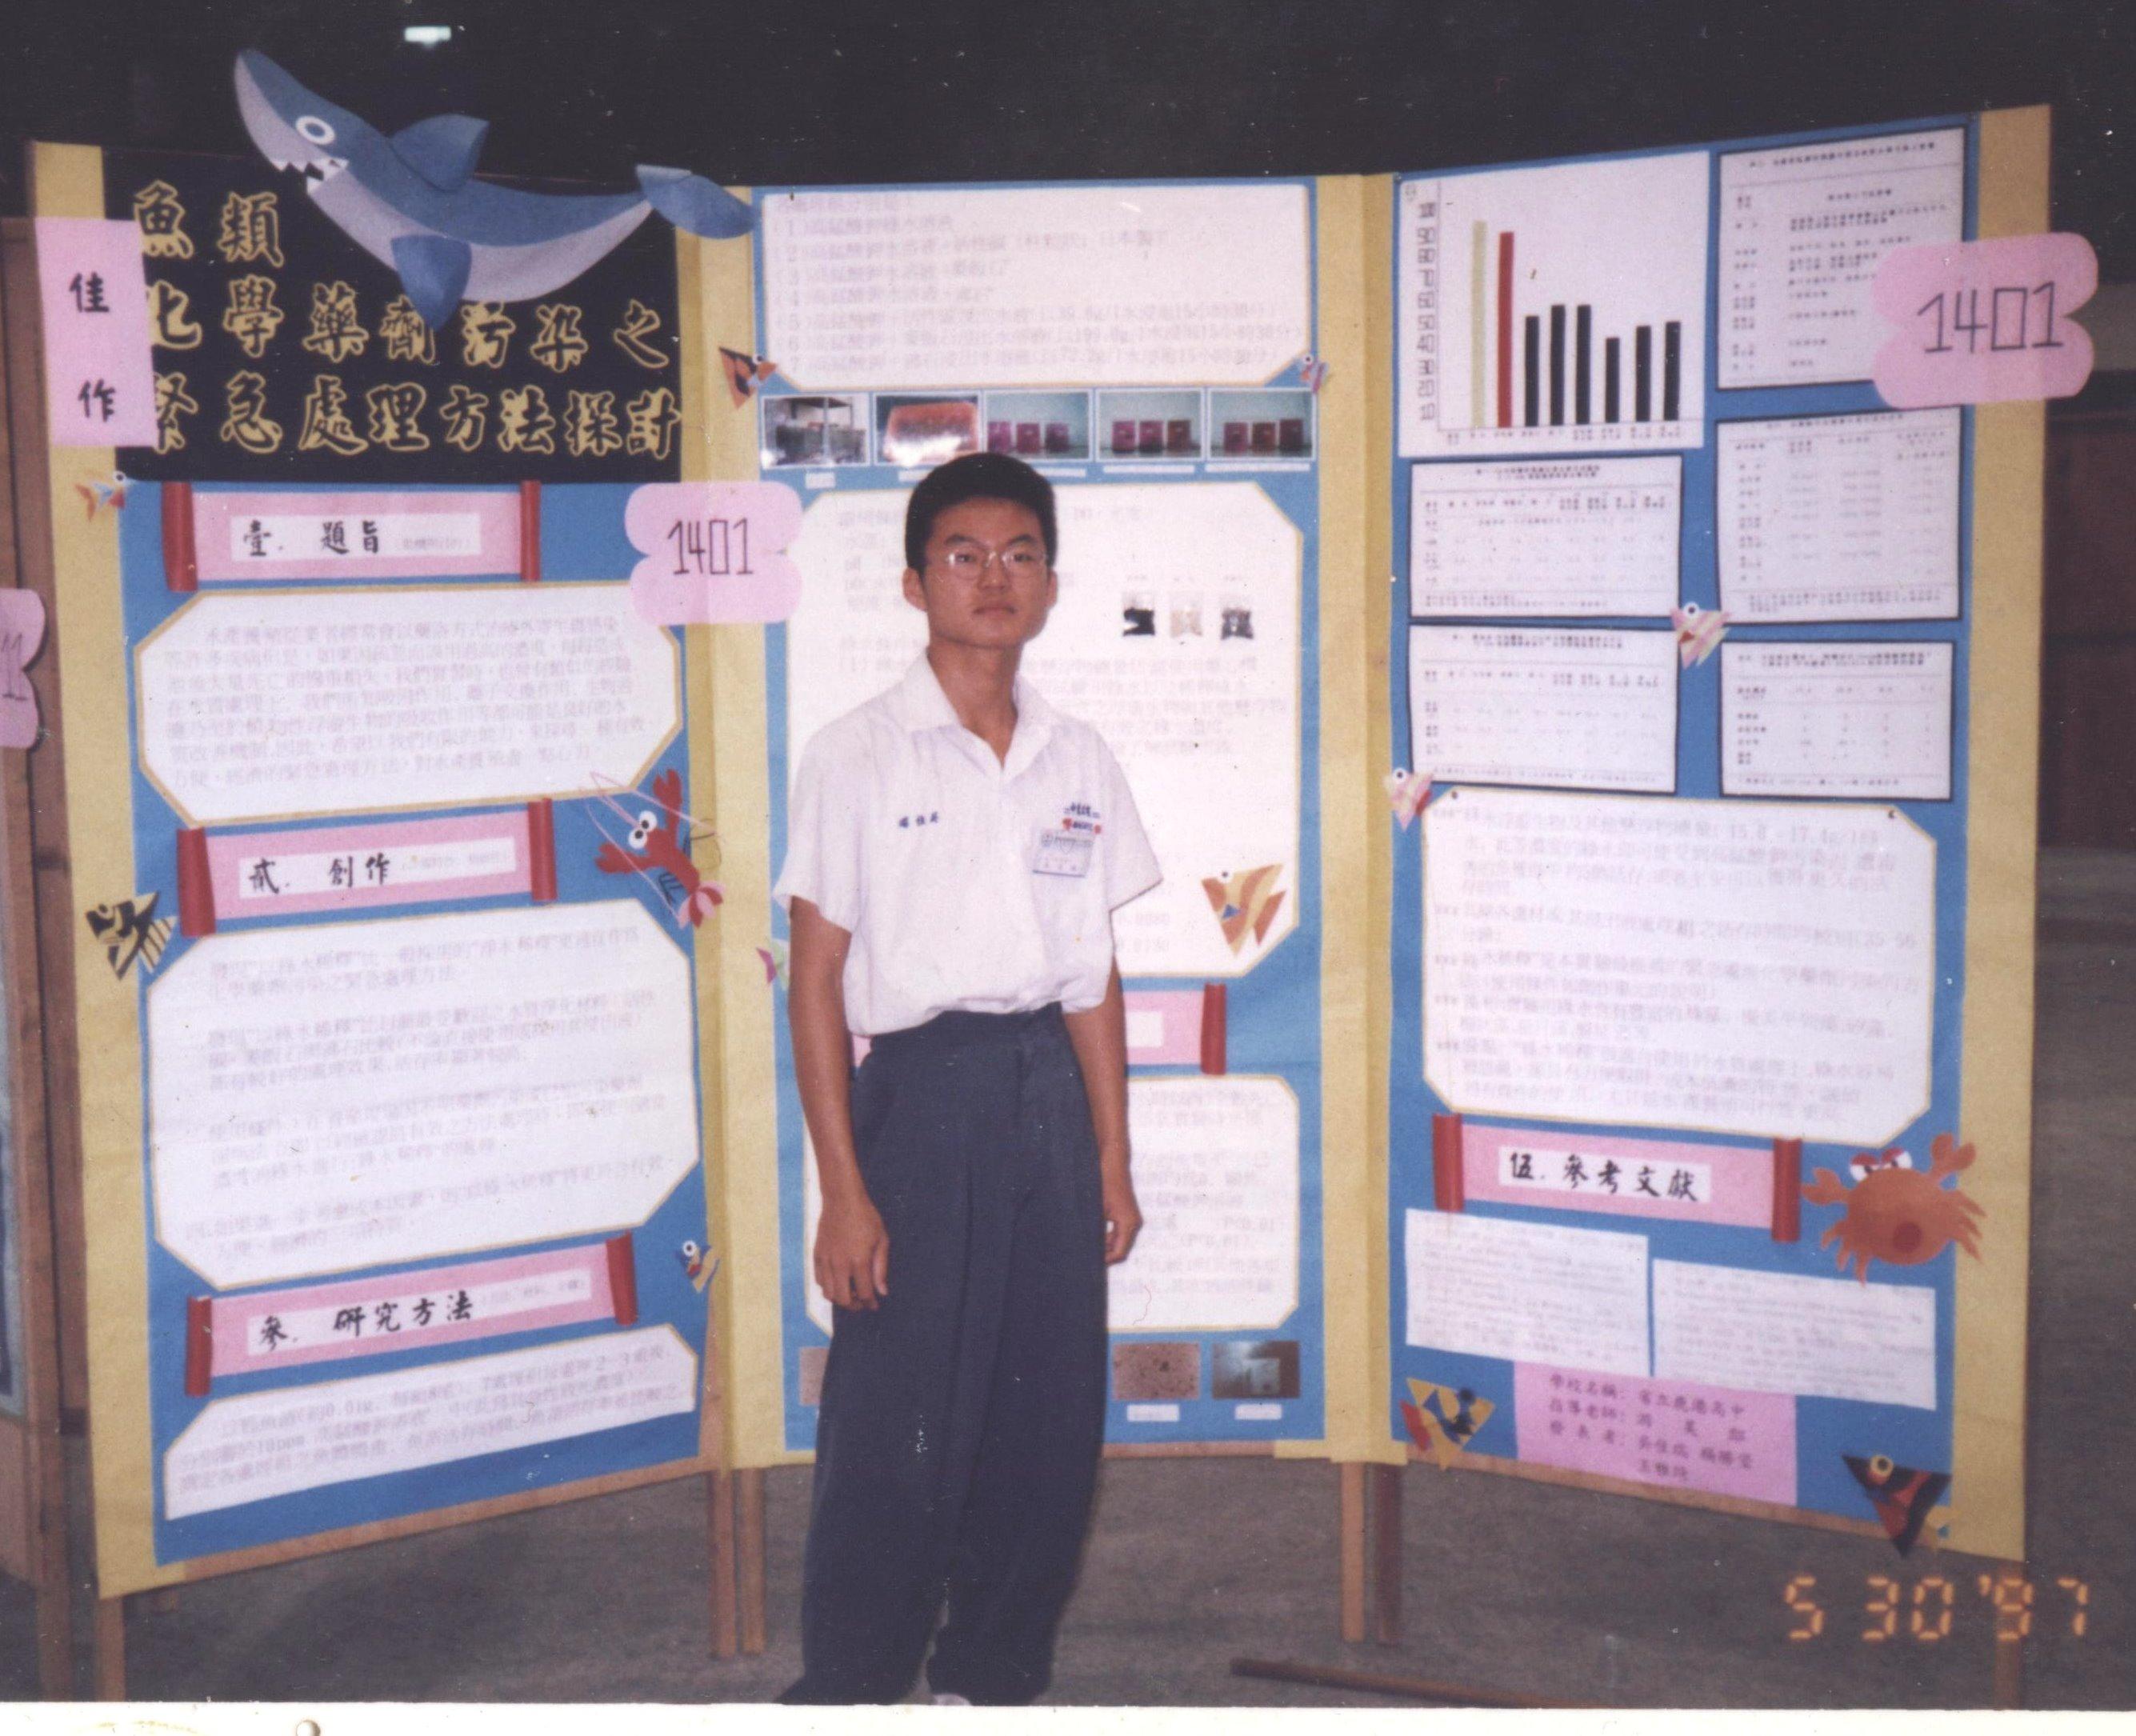 念高職時參加的科展比賽